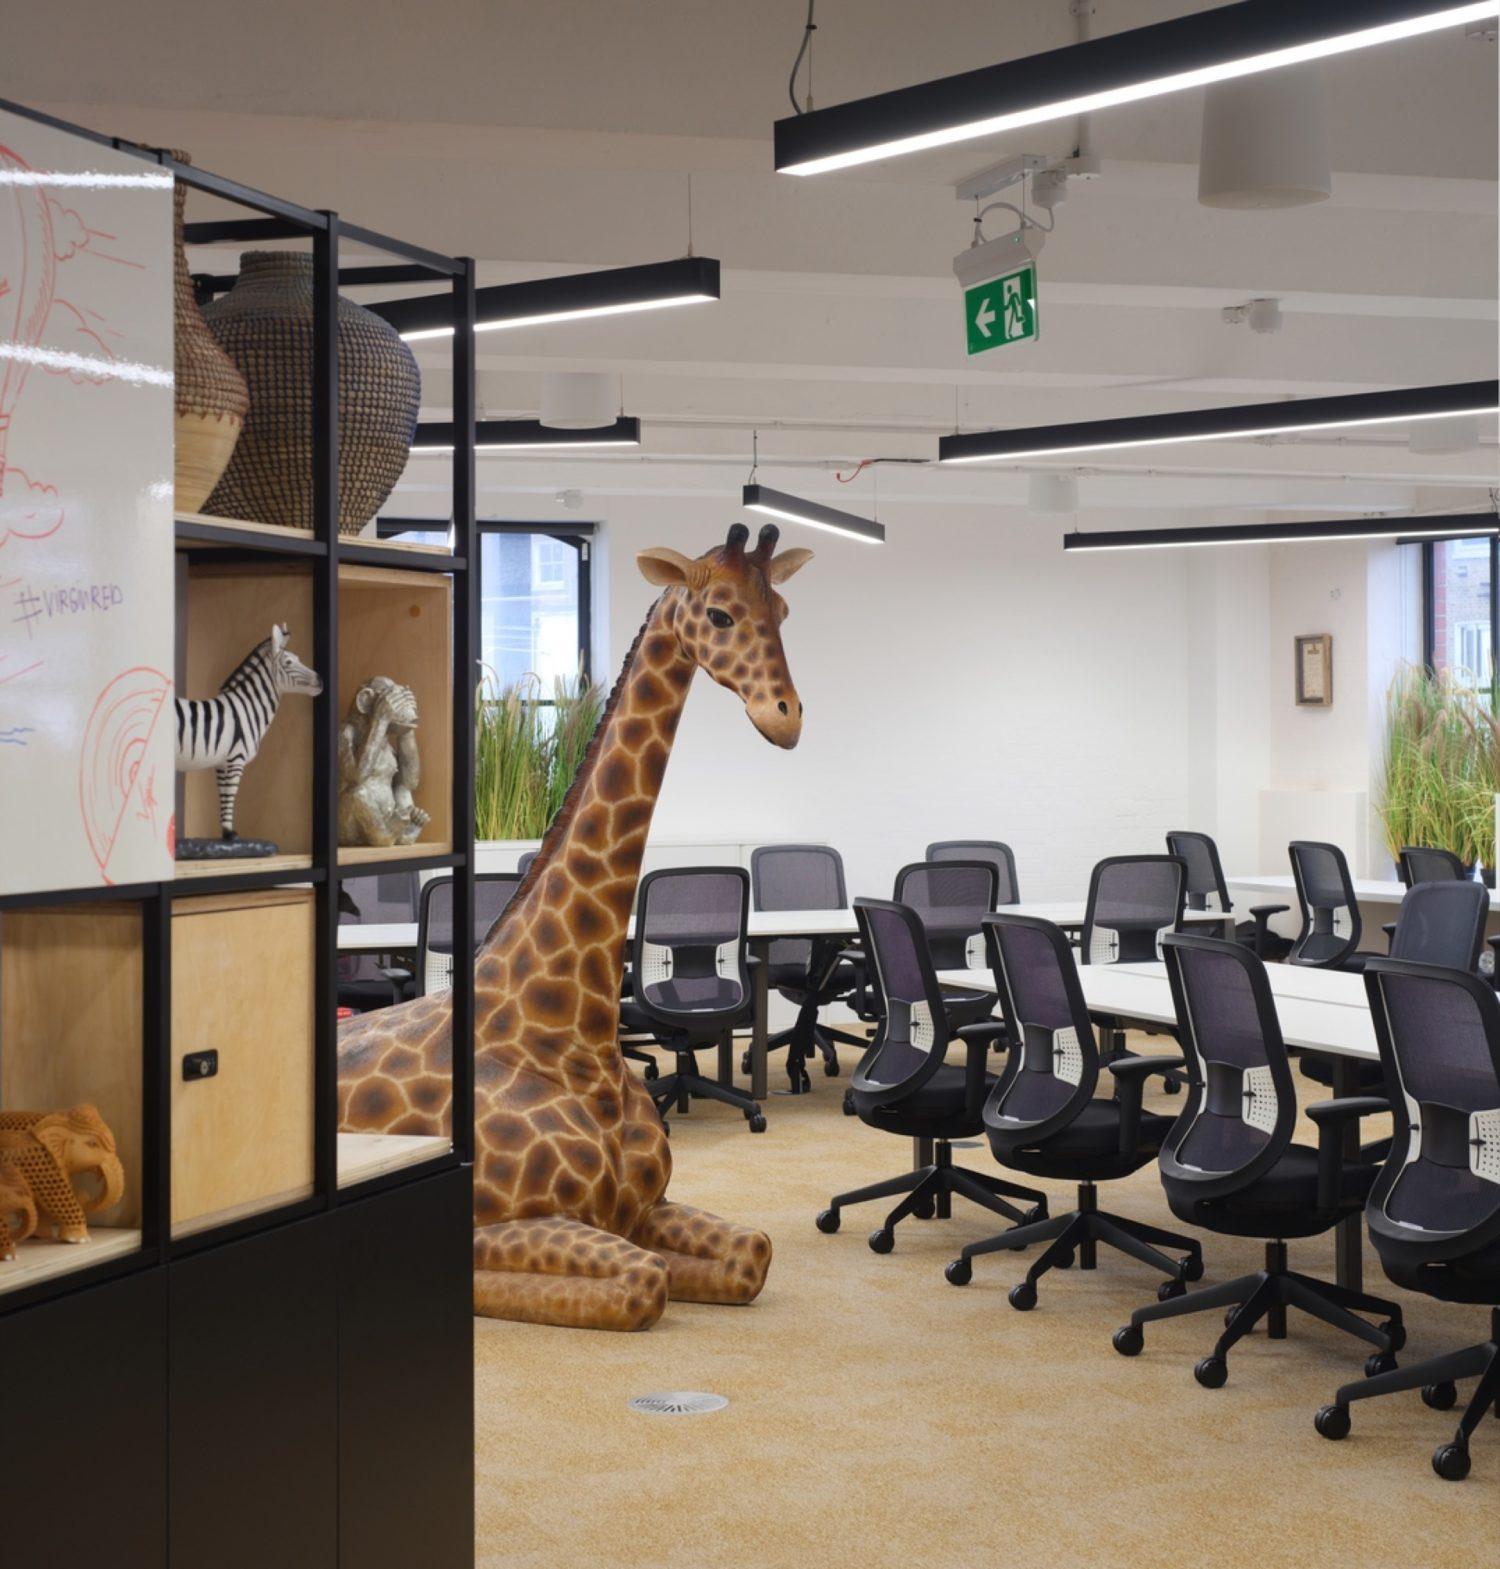 Virgin giraffe in open plan office